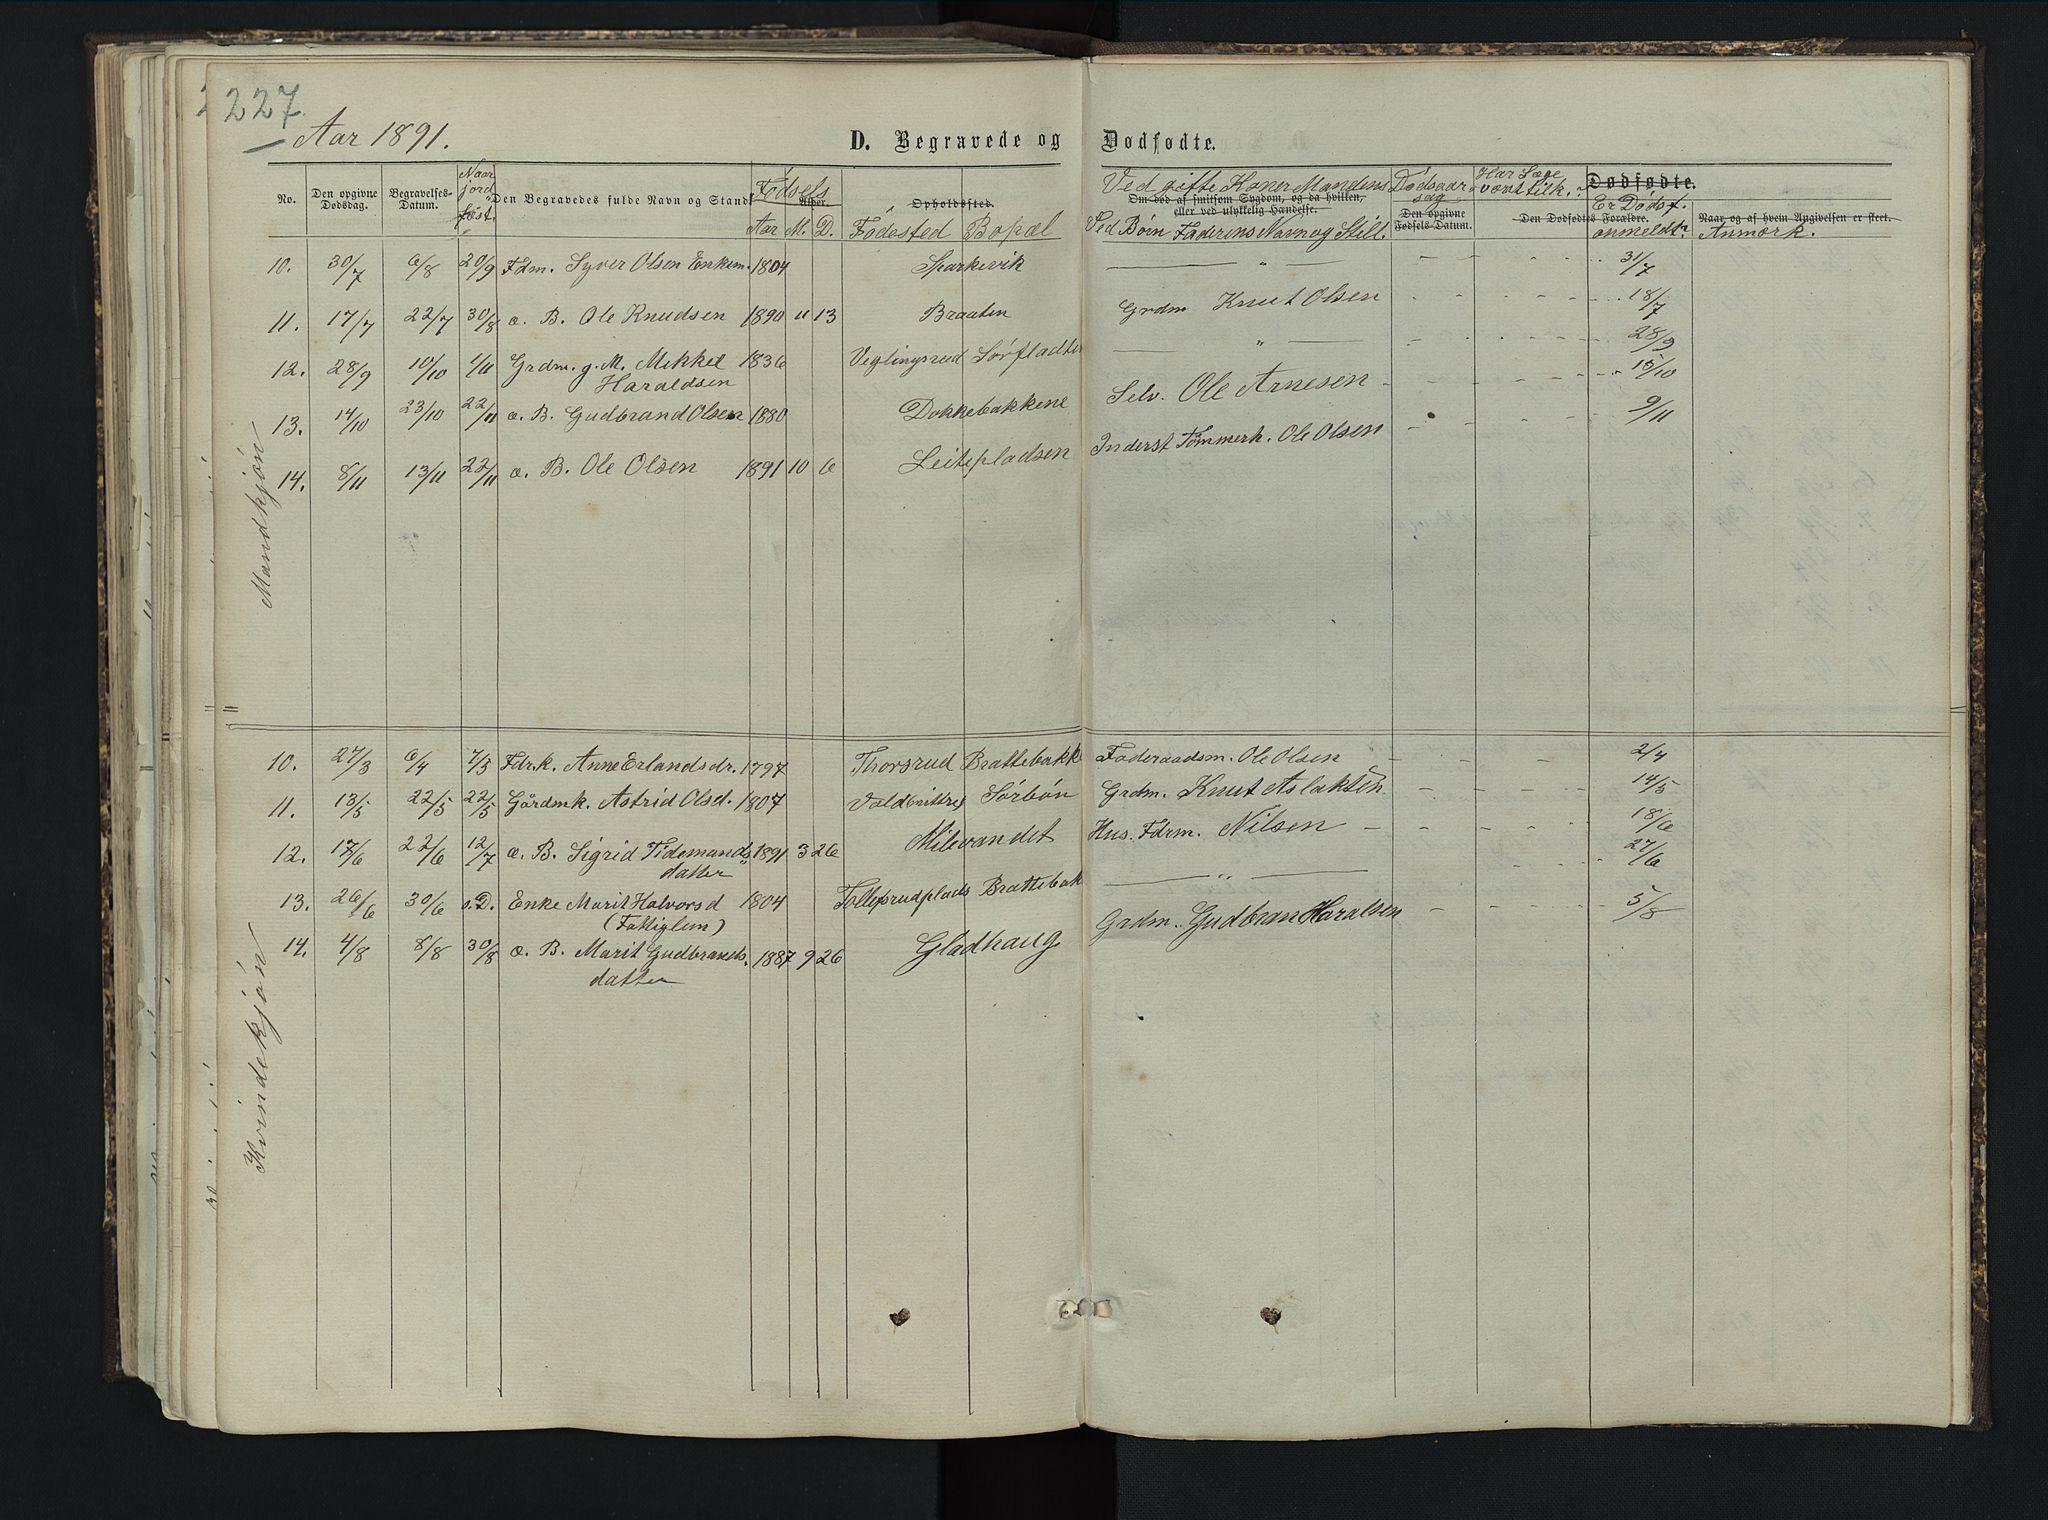 SAH, Sør-Aurdal prestekontor, Klokkerbok nr. 5, 1866-1893, s. 227